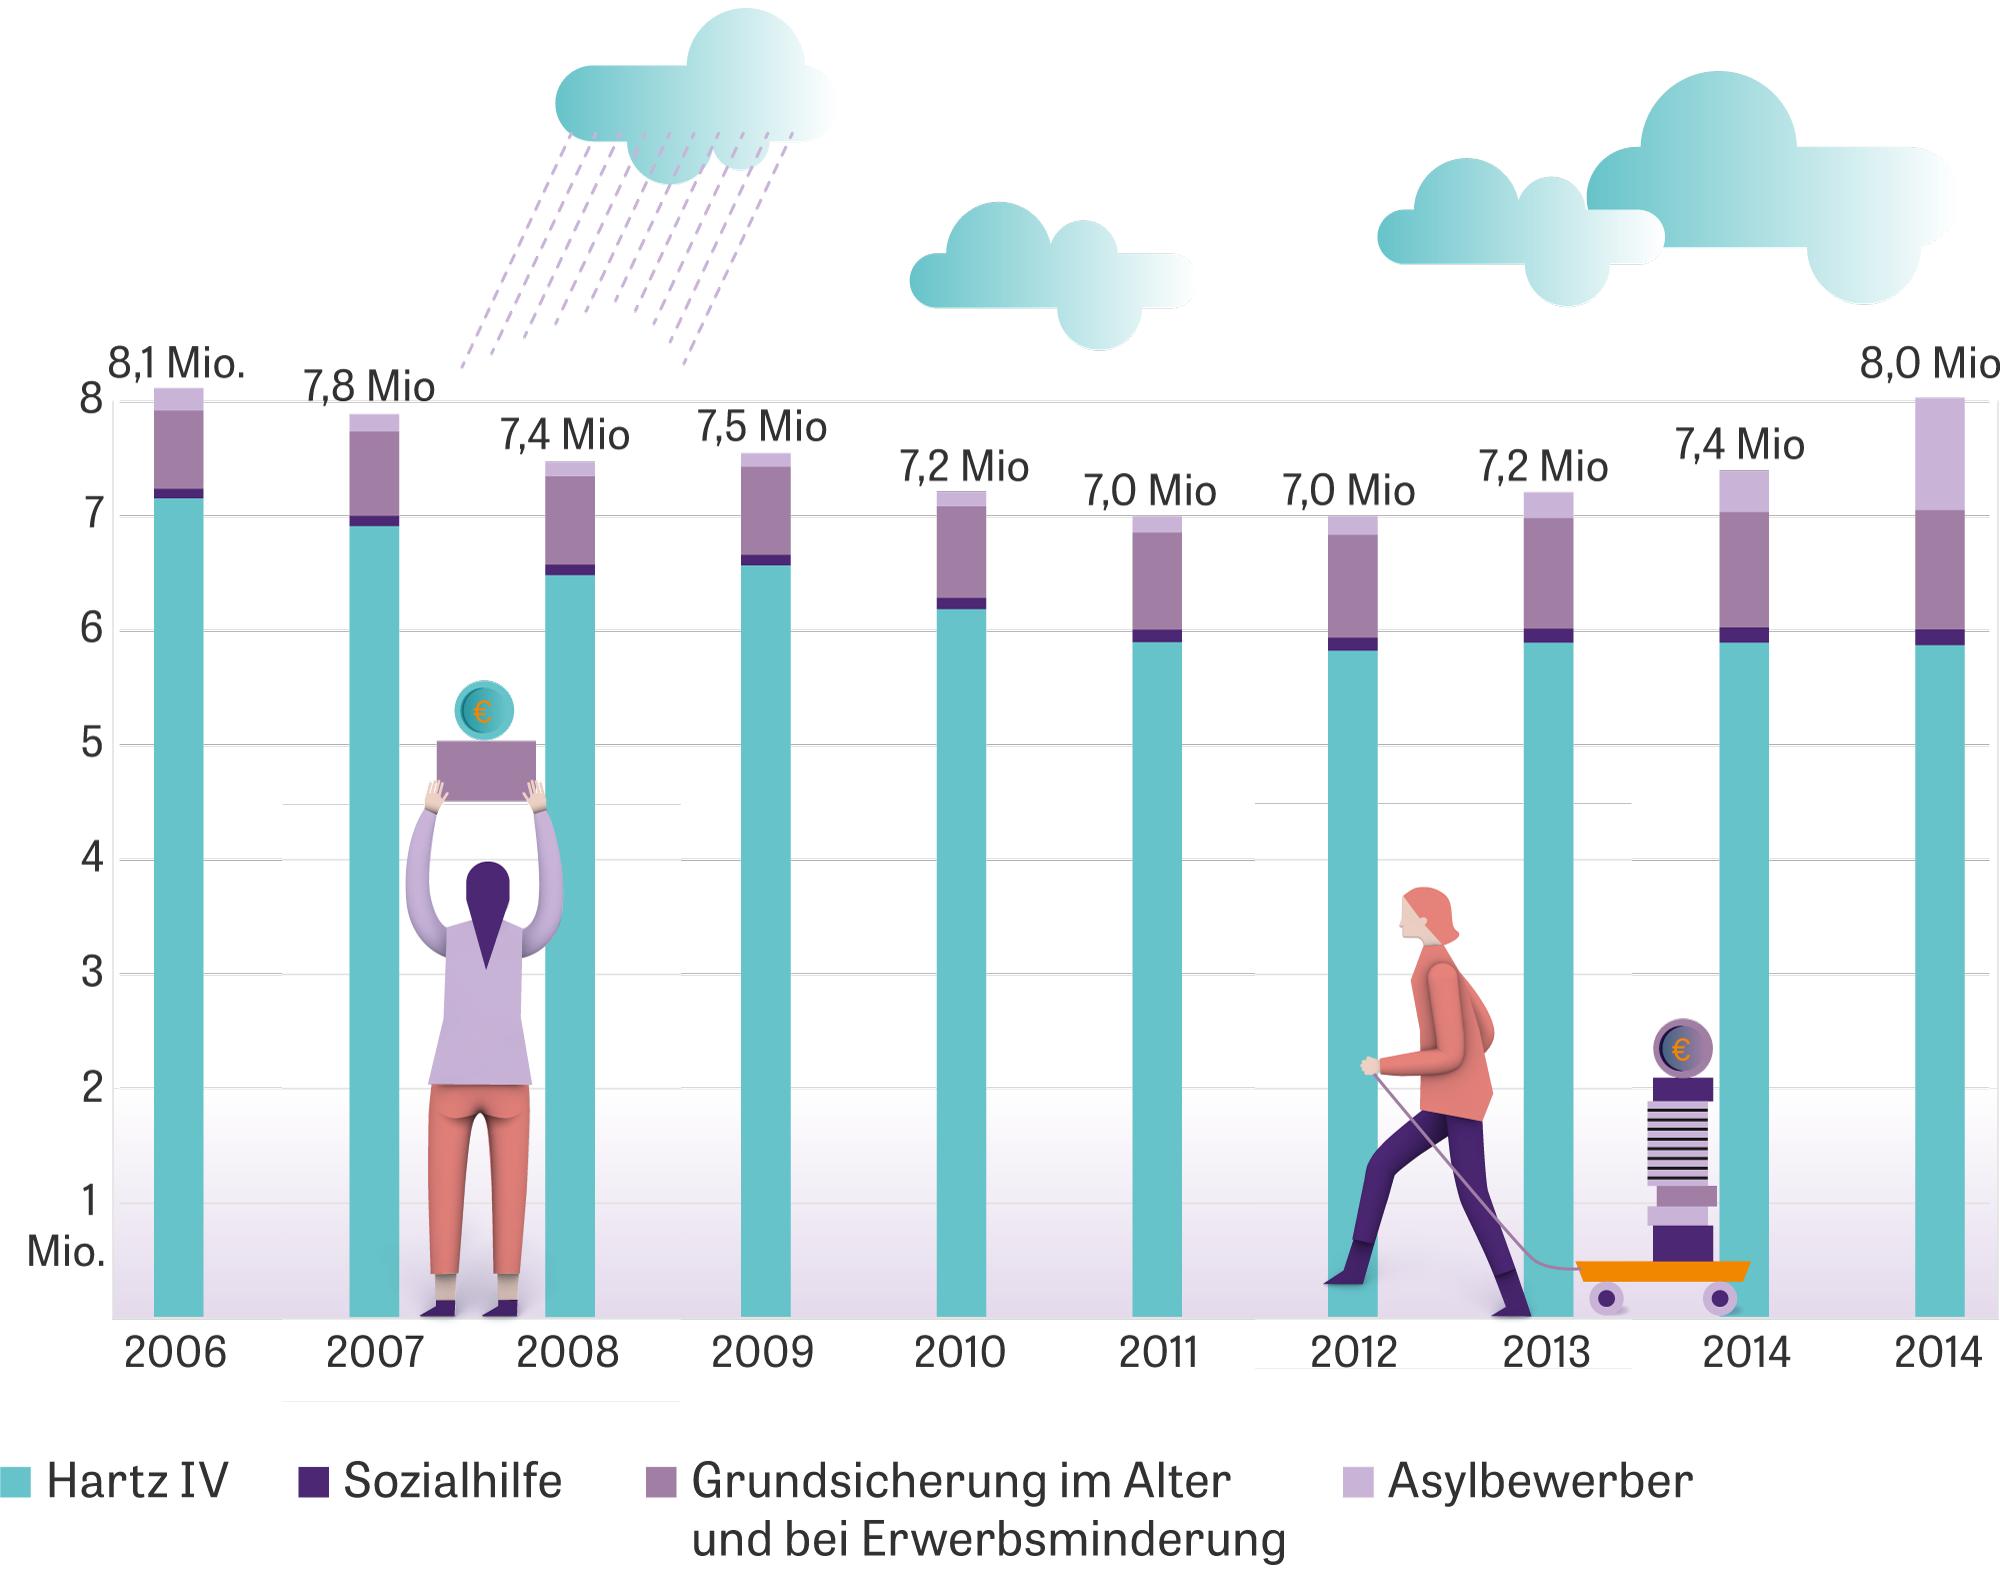 Armut in Deutschland: Empfänger von existenzsichernden Sozialleistungen